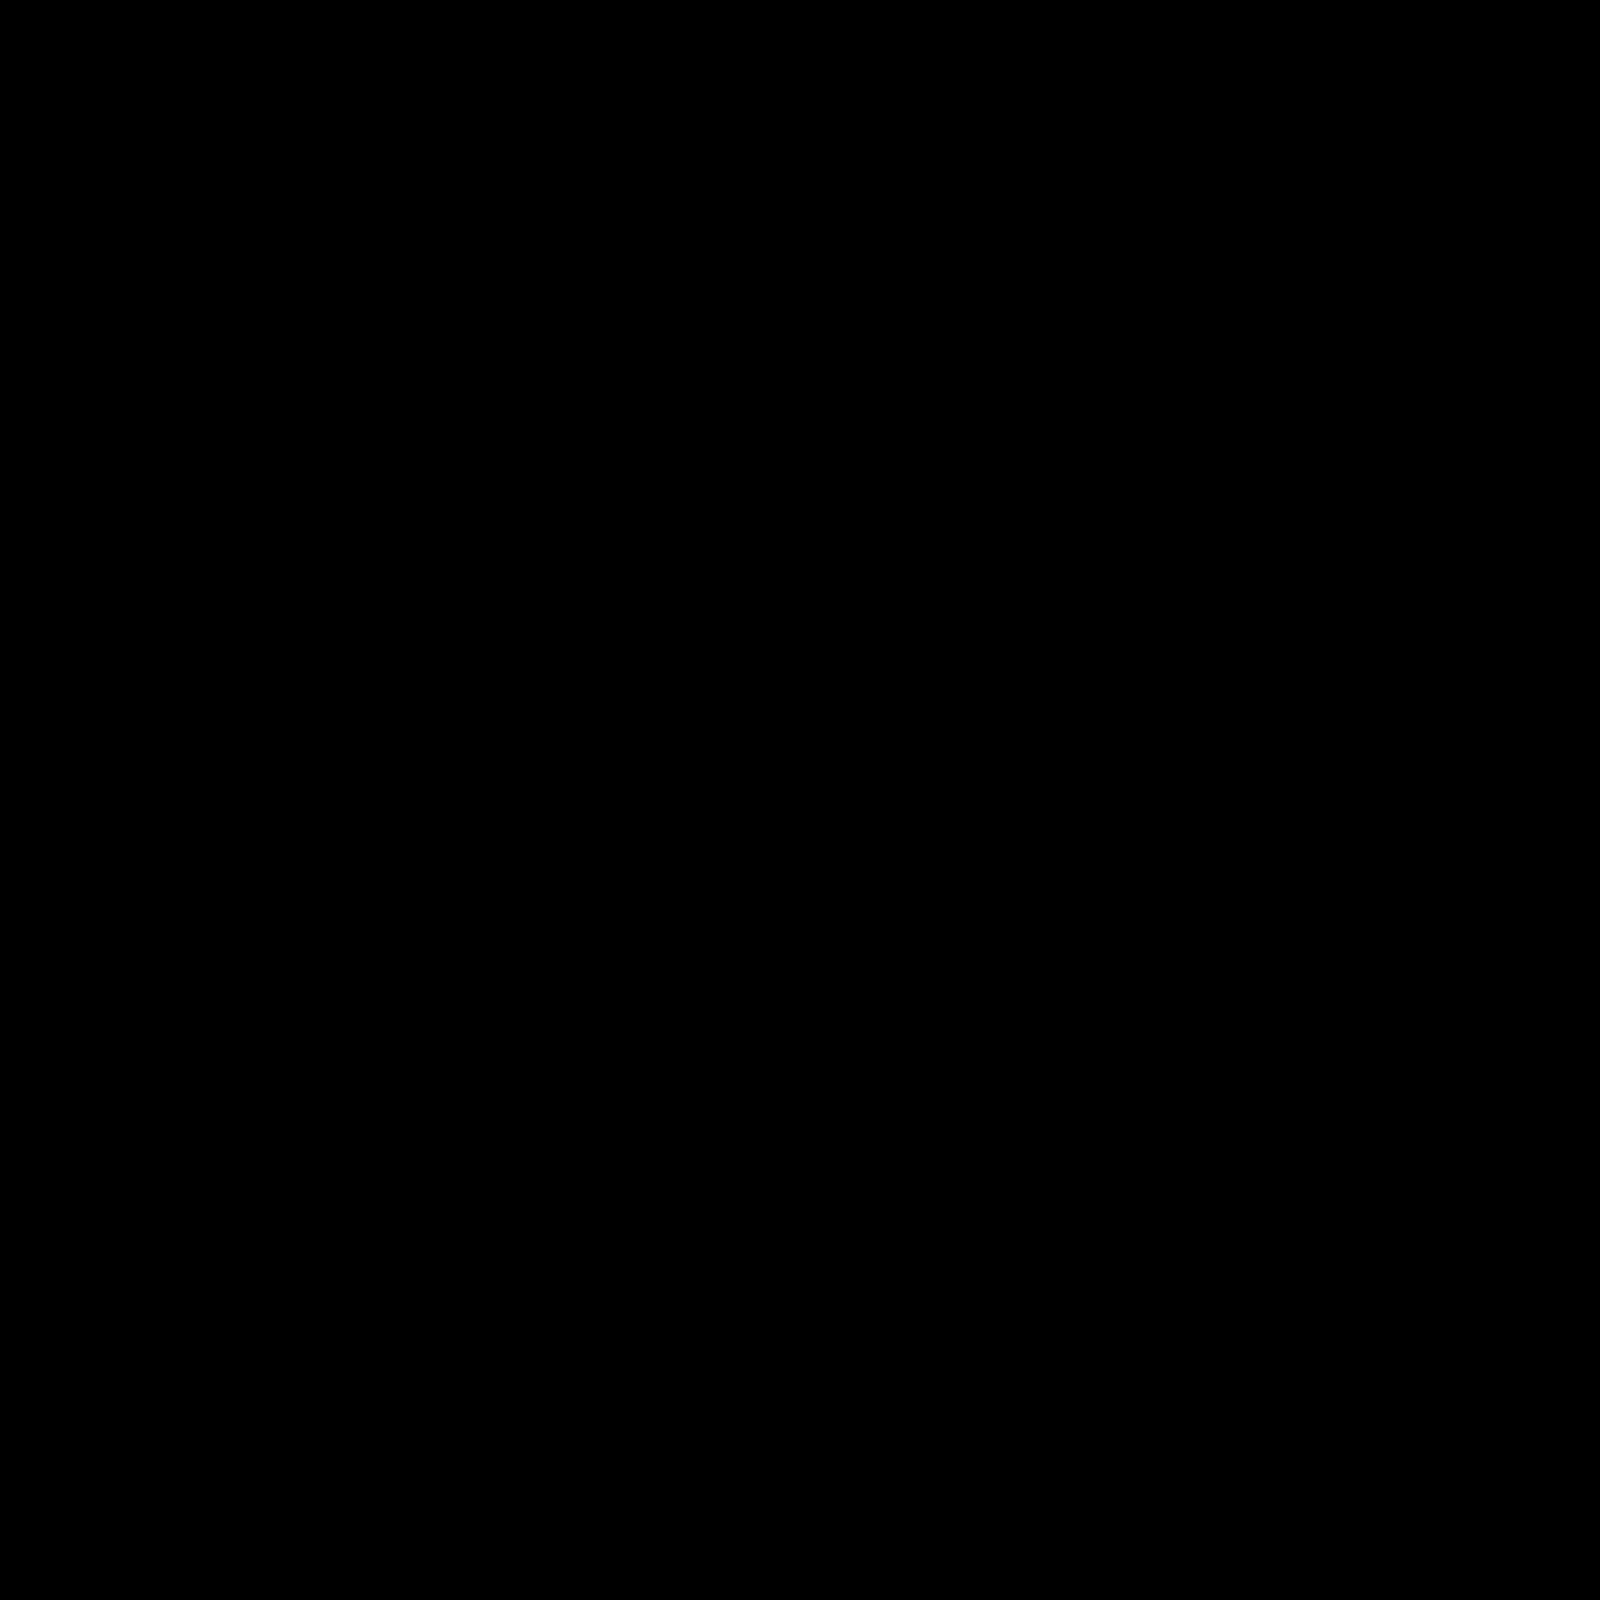 インターネットフォルダ icon